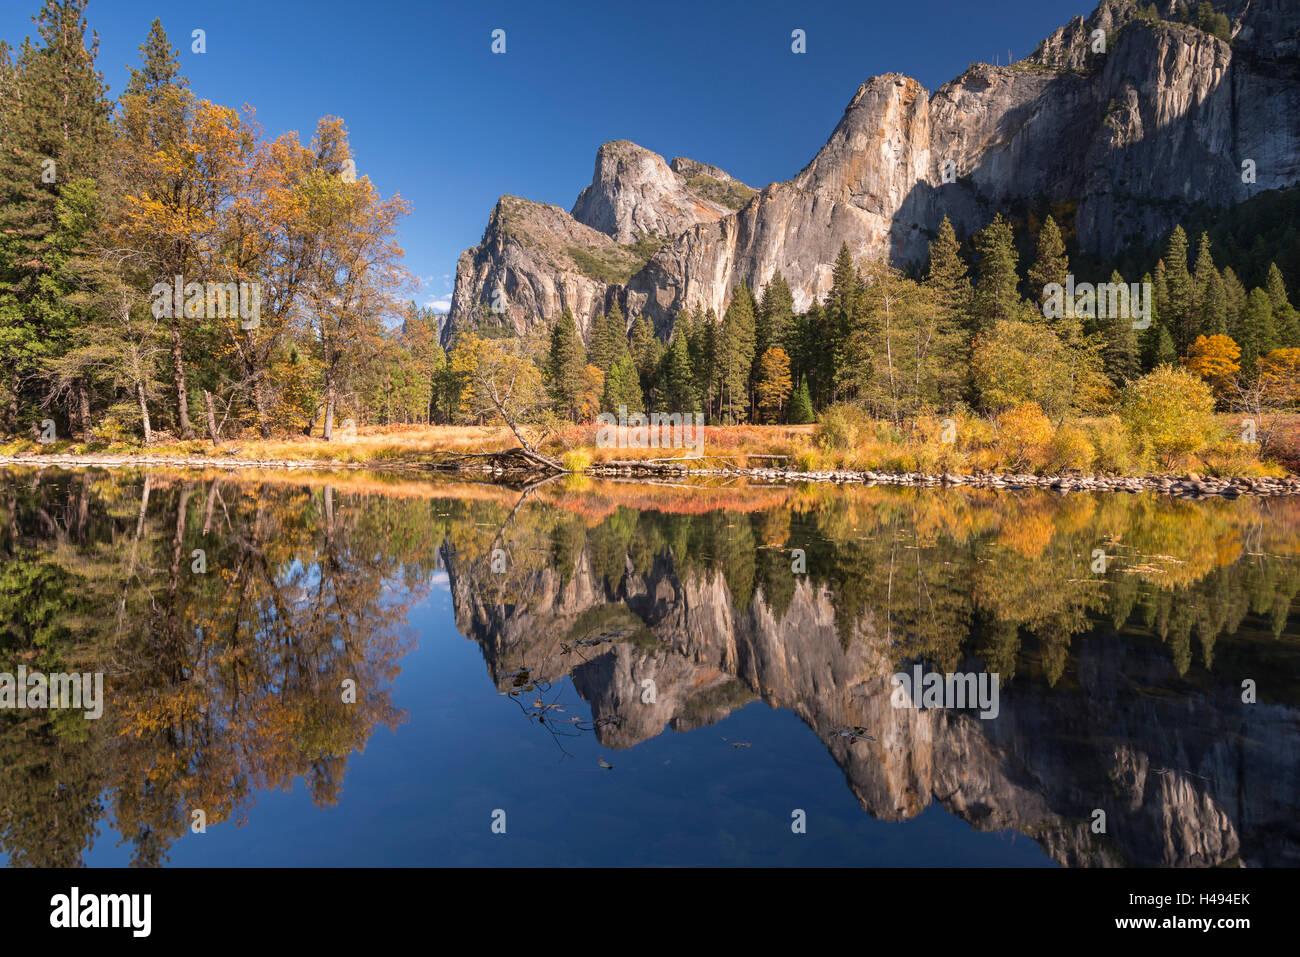 Yosemite Valley spiegelt sich in den Merced River Valley View, Yosemite-Nationalpark, Kalifornien, USA. Herbst (Oktober) Stockbild